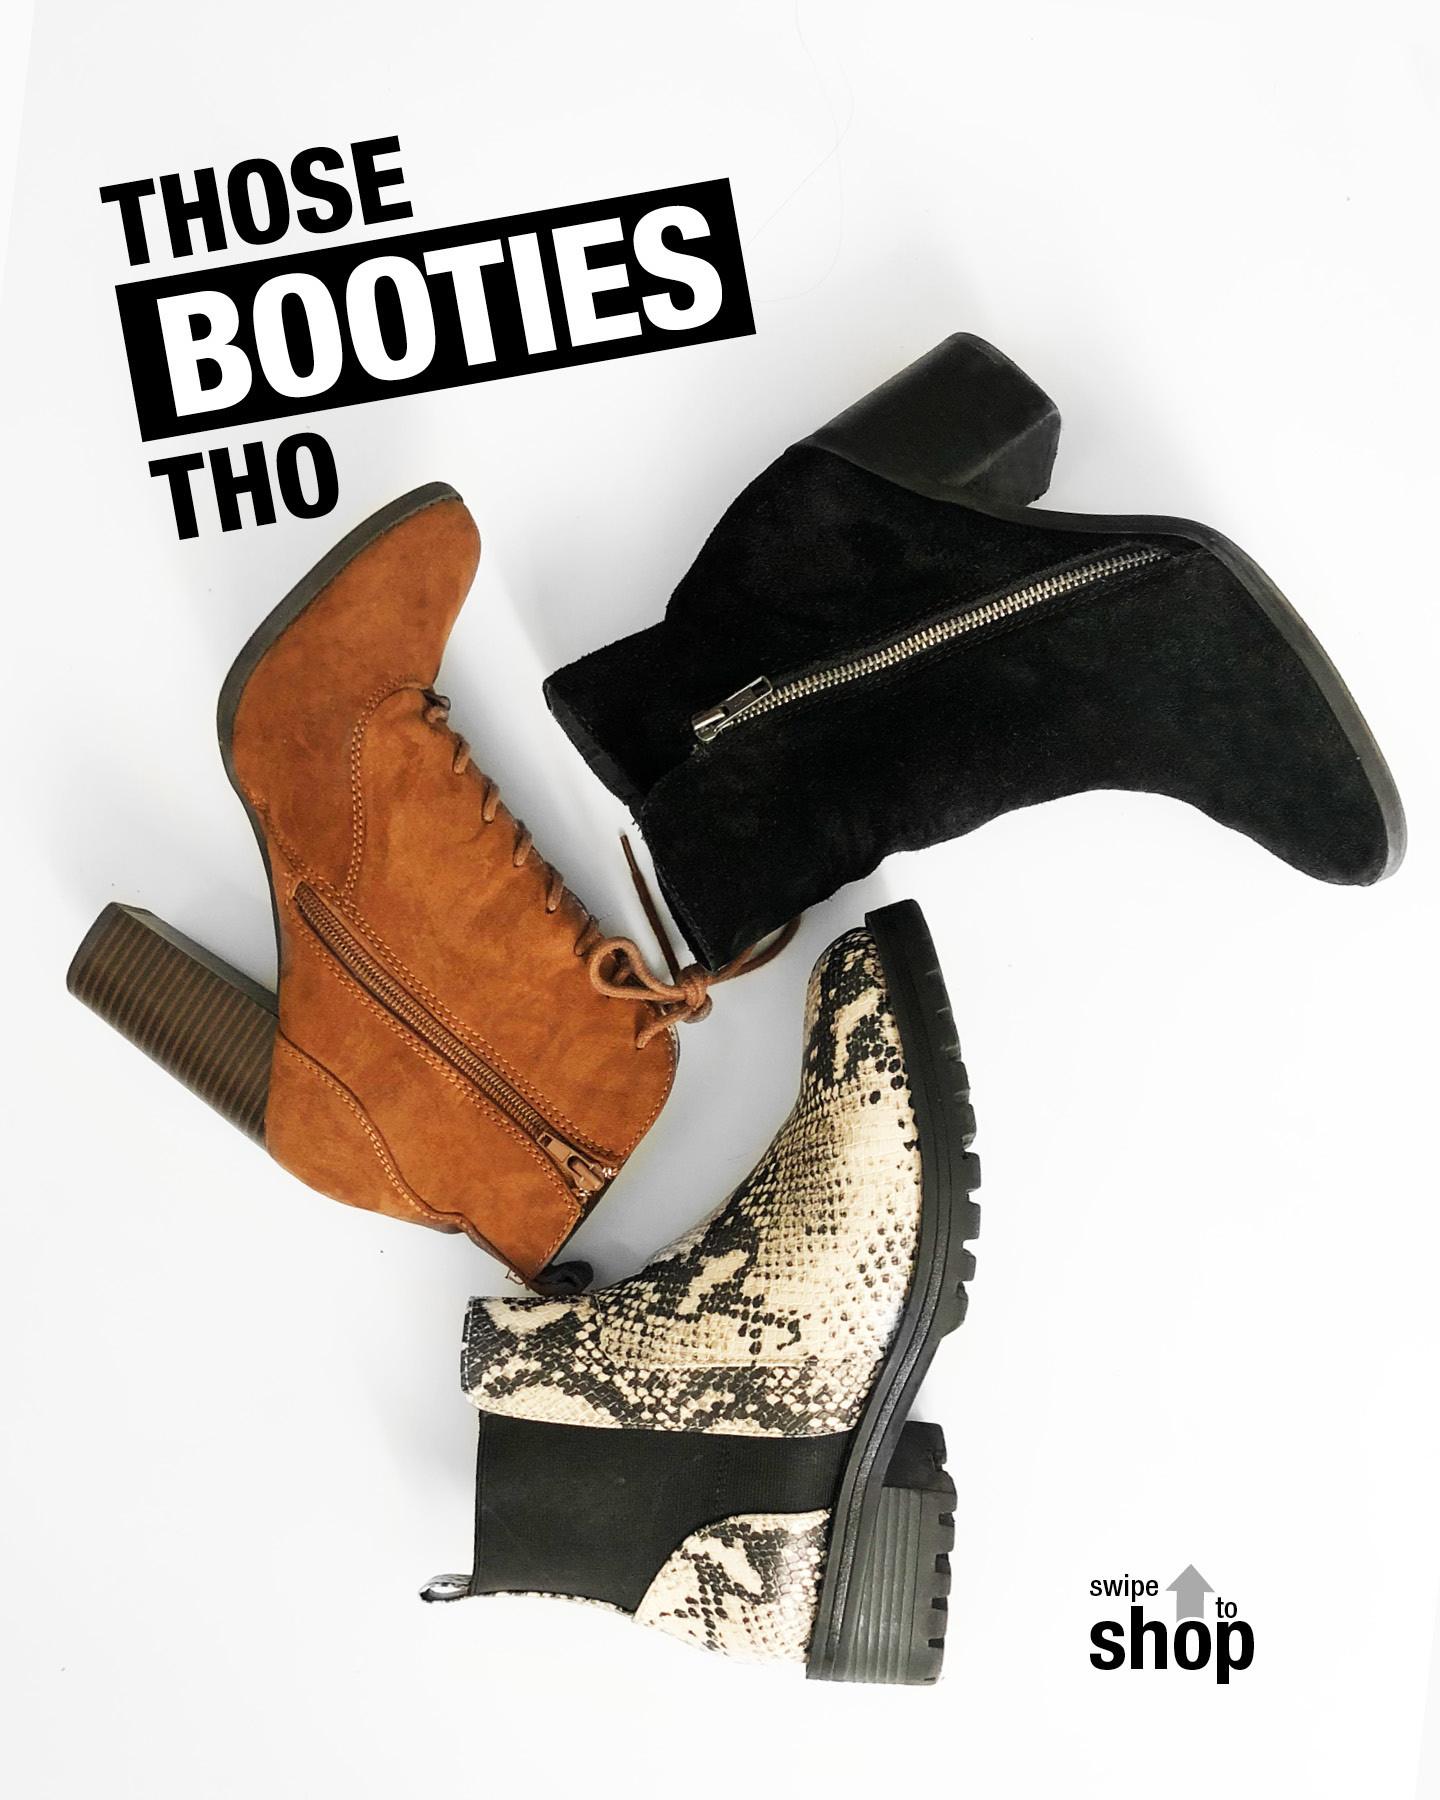 Kohls Instagram Test_Shoes 2.jpg